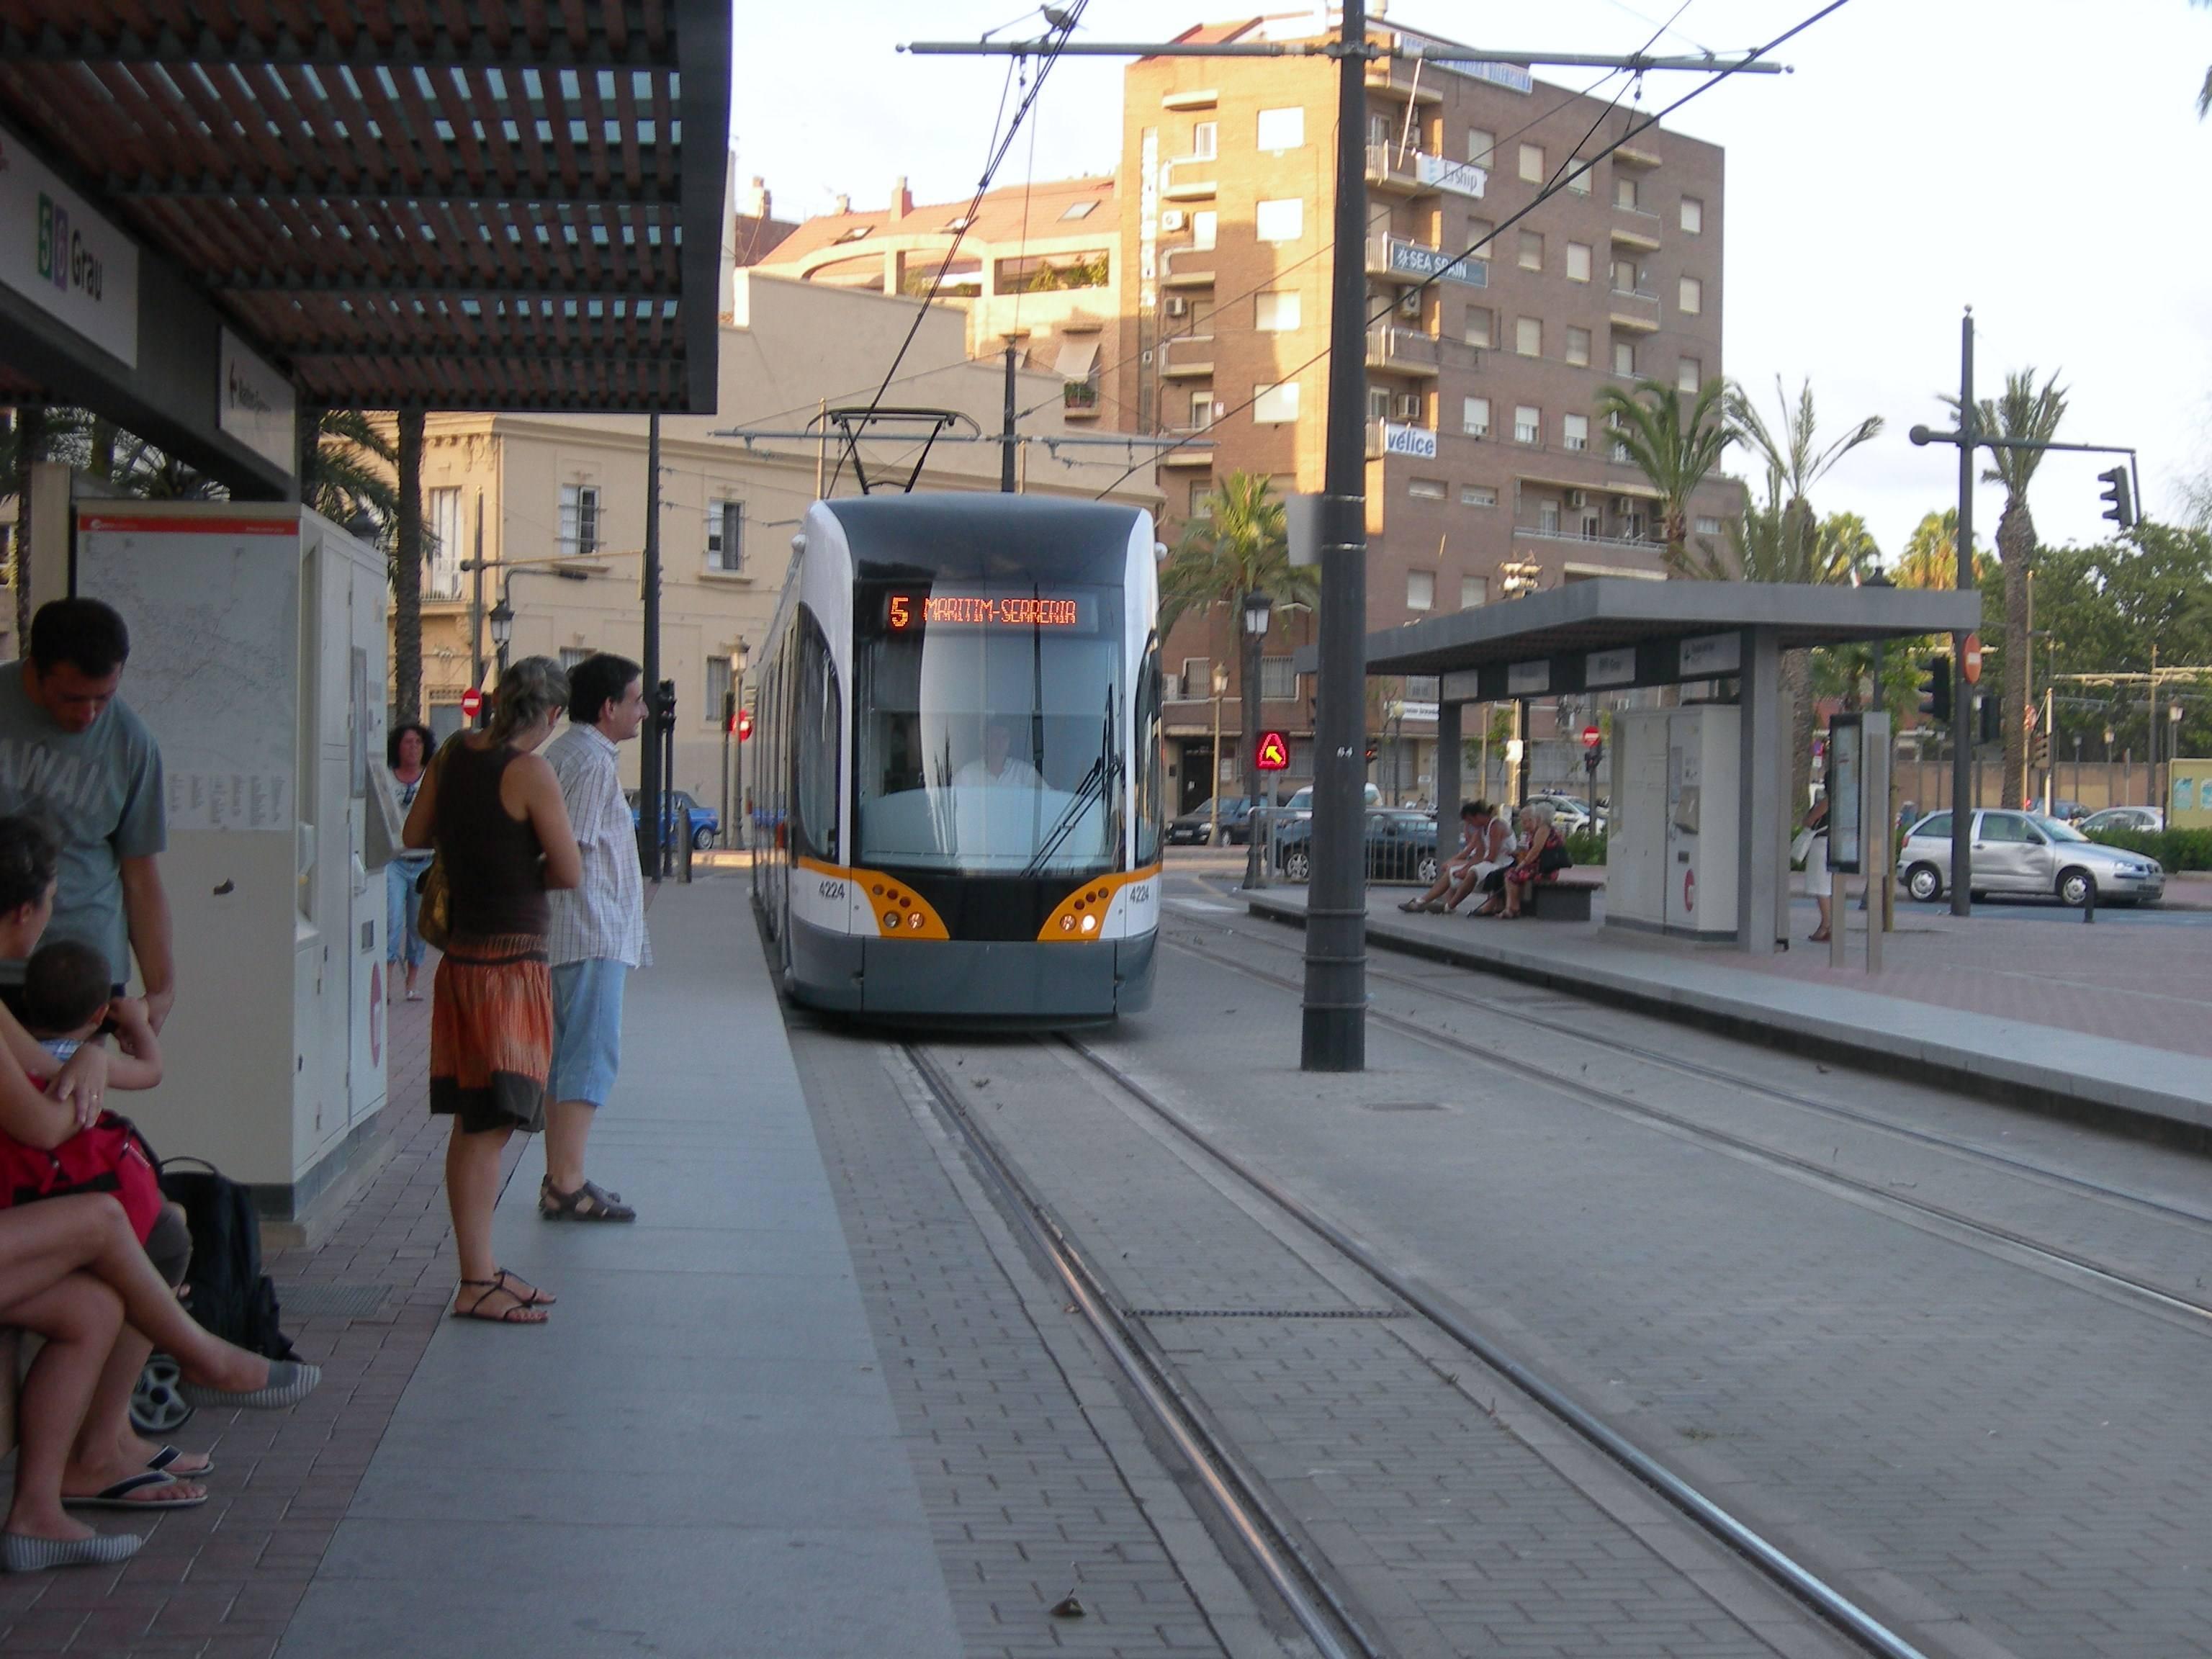 Путеводитель по испанскому региону валенсия: как добраться и что посмотреть в регионе